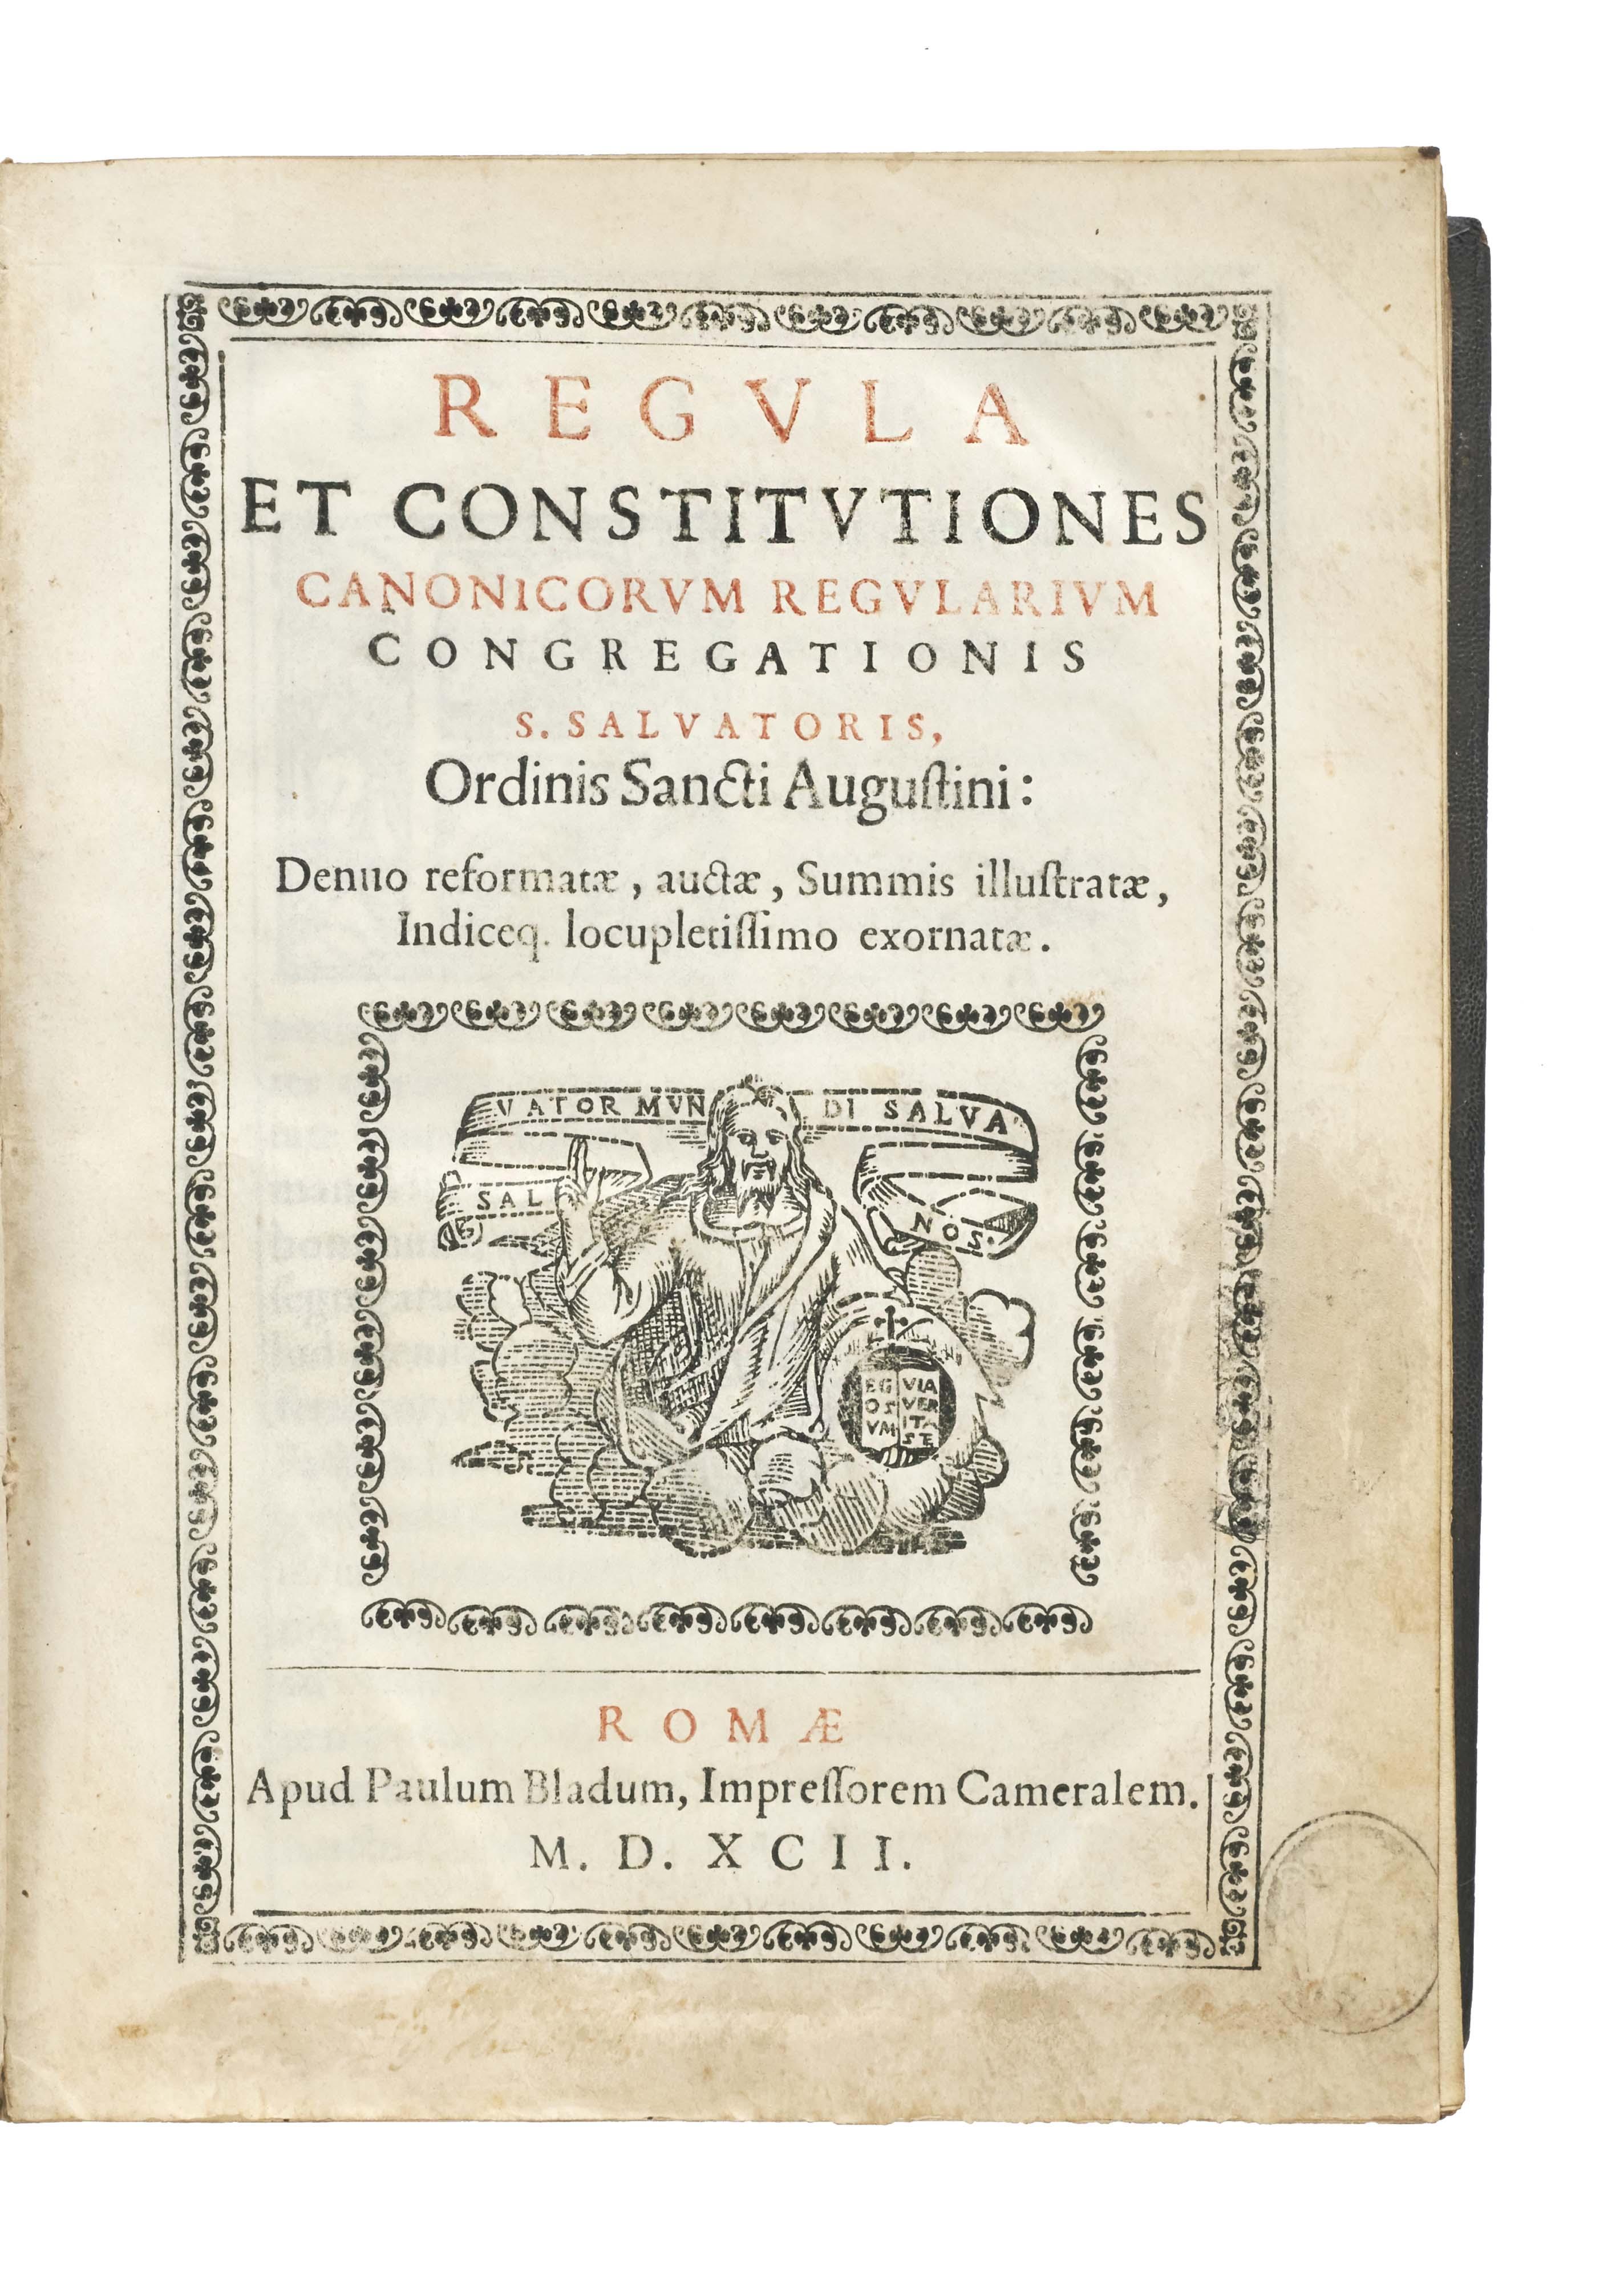 Regula et constitutiones Canonicorum Regularium congregationis S. Salvatoris, Ordinis Sancti Augustini. Denuo reformatae, auctae, summis illustratae, indiceq. locupletissimo exornatae.